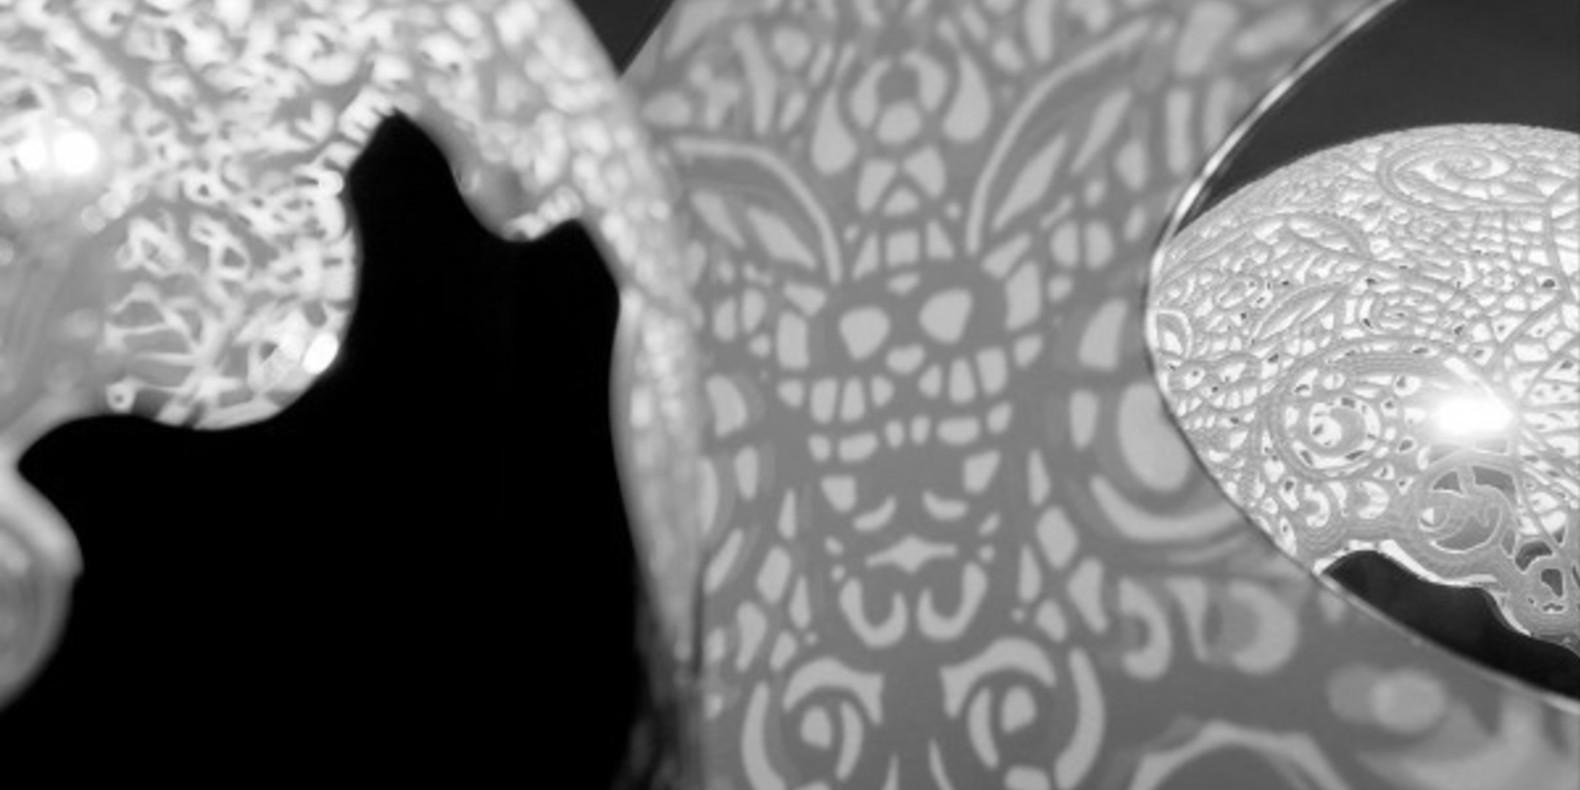 Linlin Pierre Yves Jacques Dentelle Lamp Design 3D printing Cults Fichier 3D lampes imprimées en 3D